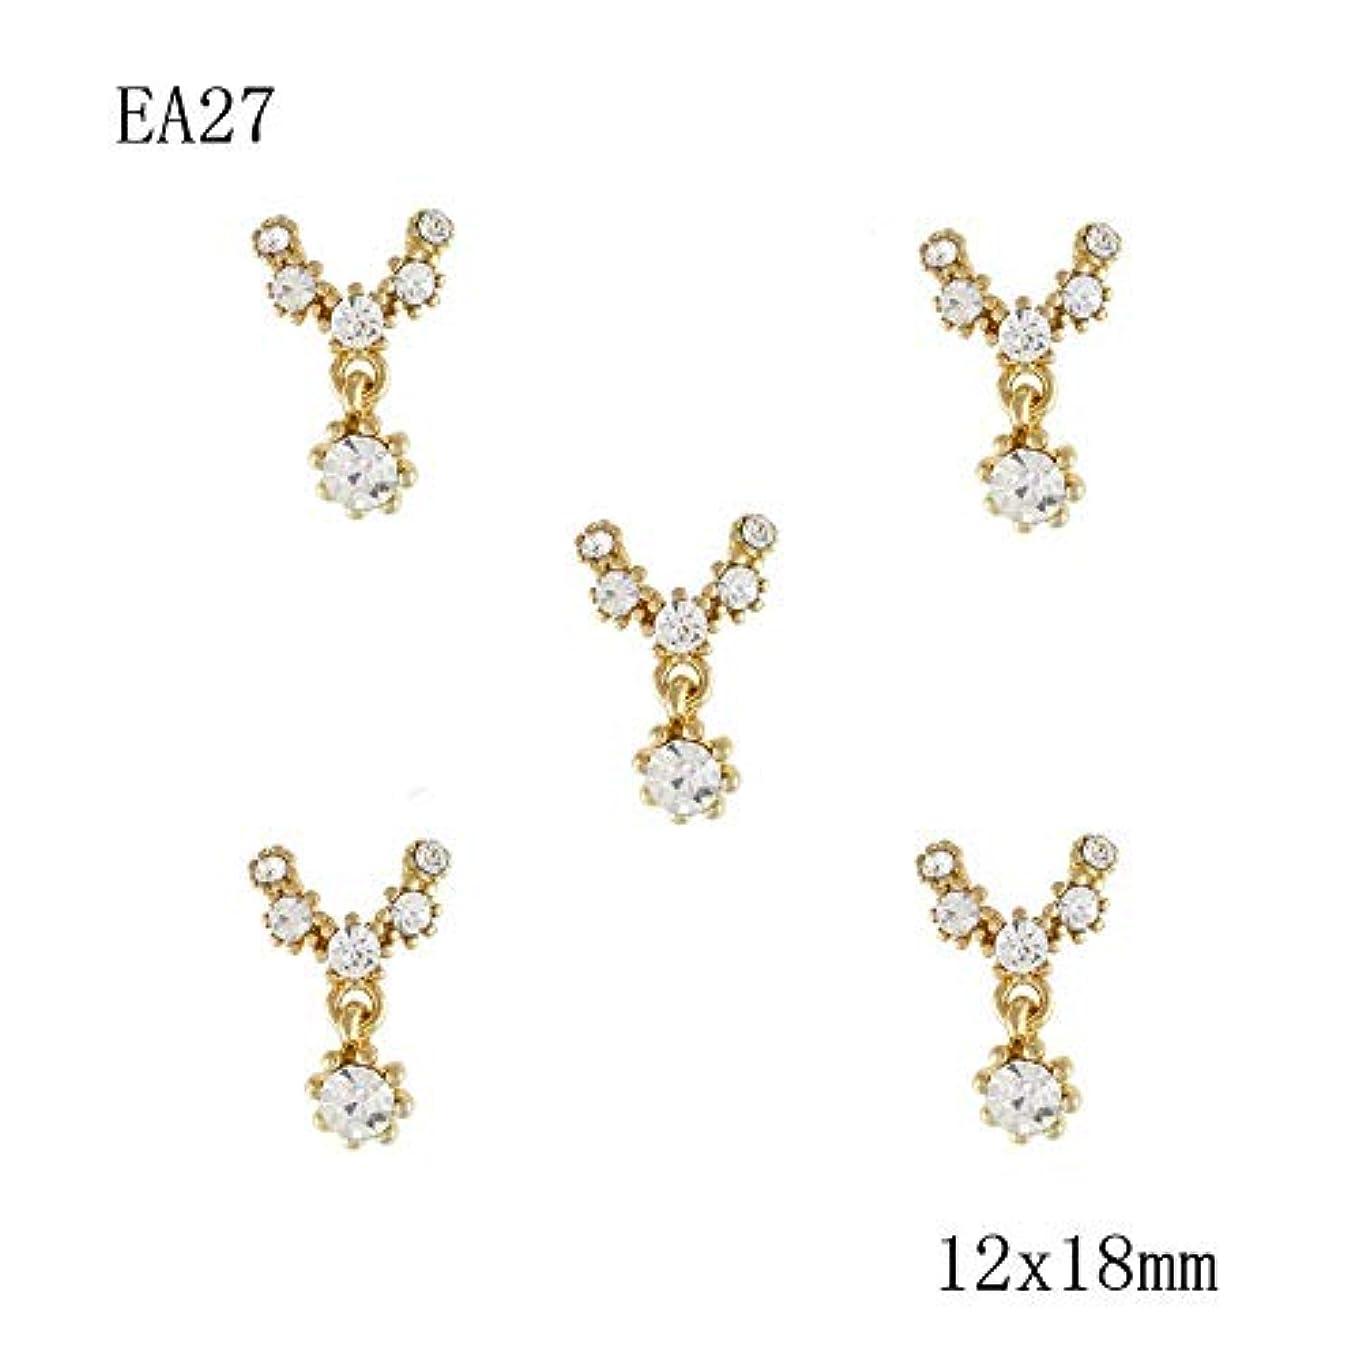 ただ書誌写真を撮る10PCS金銀金属の3Dダイヤモンドネイルアートクリスマスの装飾の魅力の爪は、ラインストーンネイル用品の宝石クリスマスのキラキラ,21